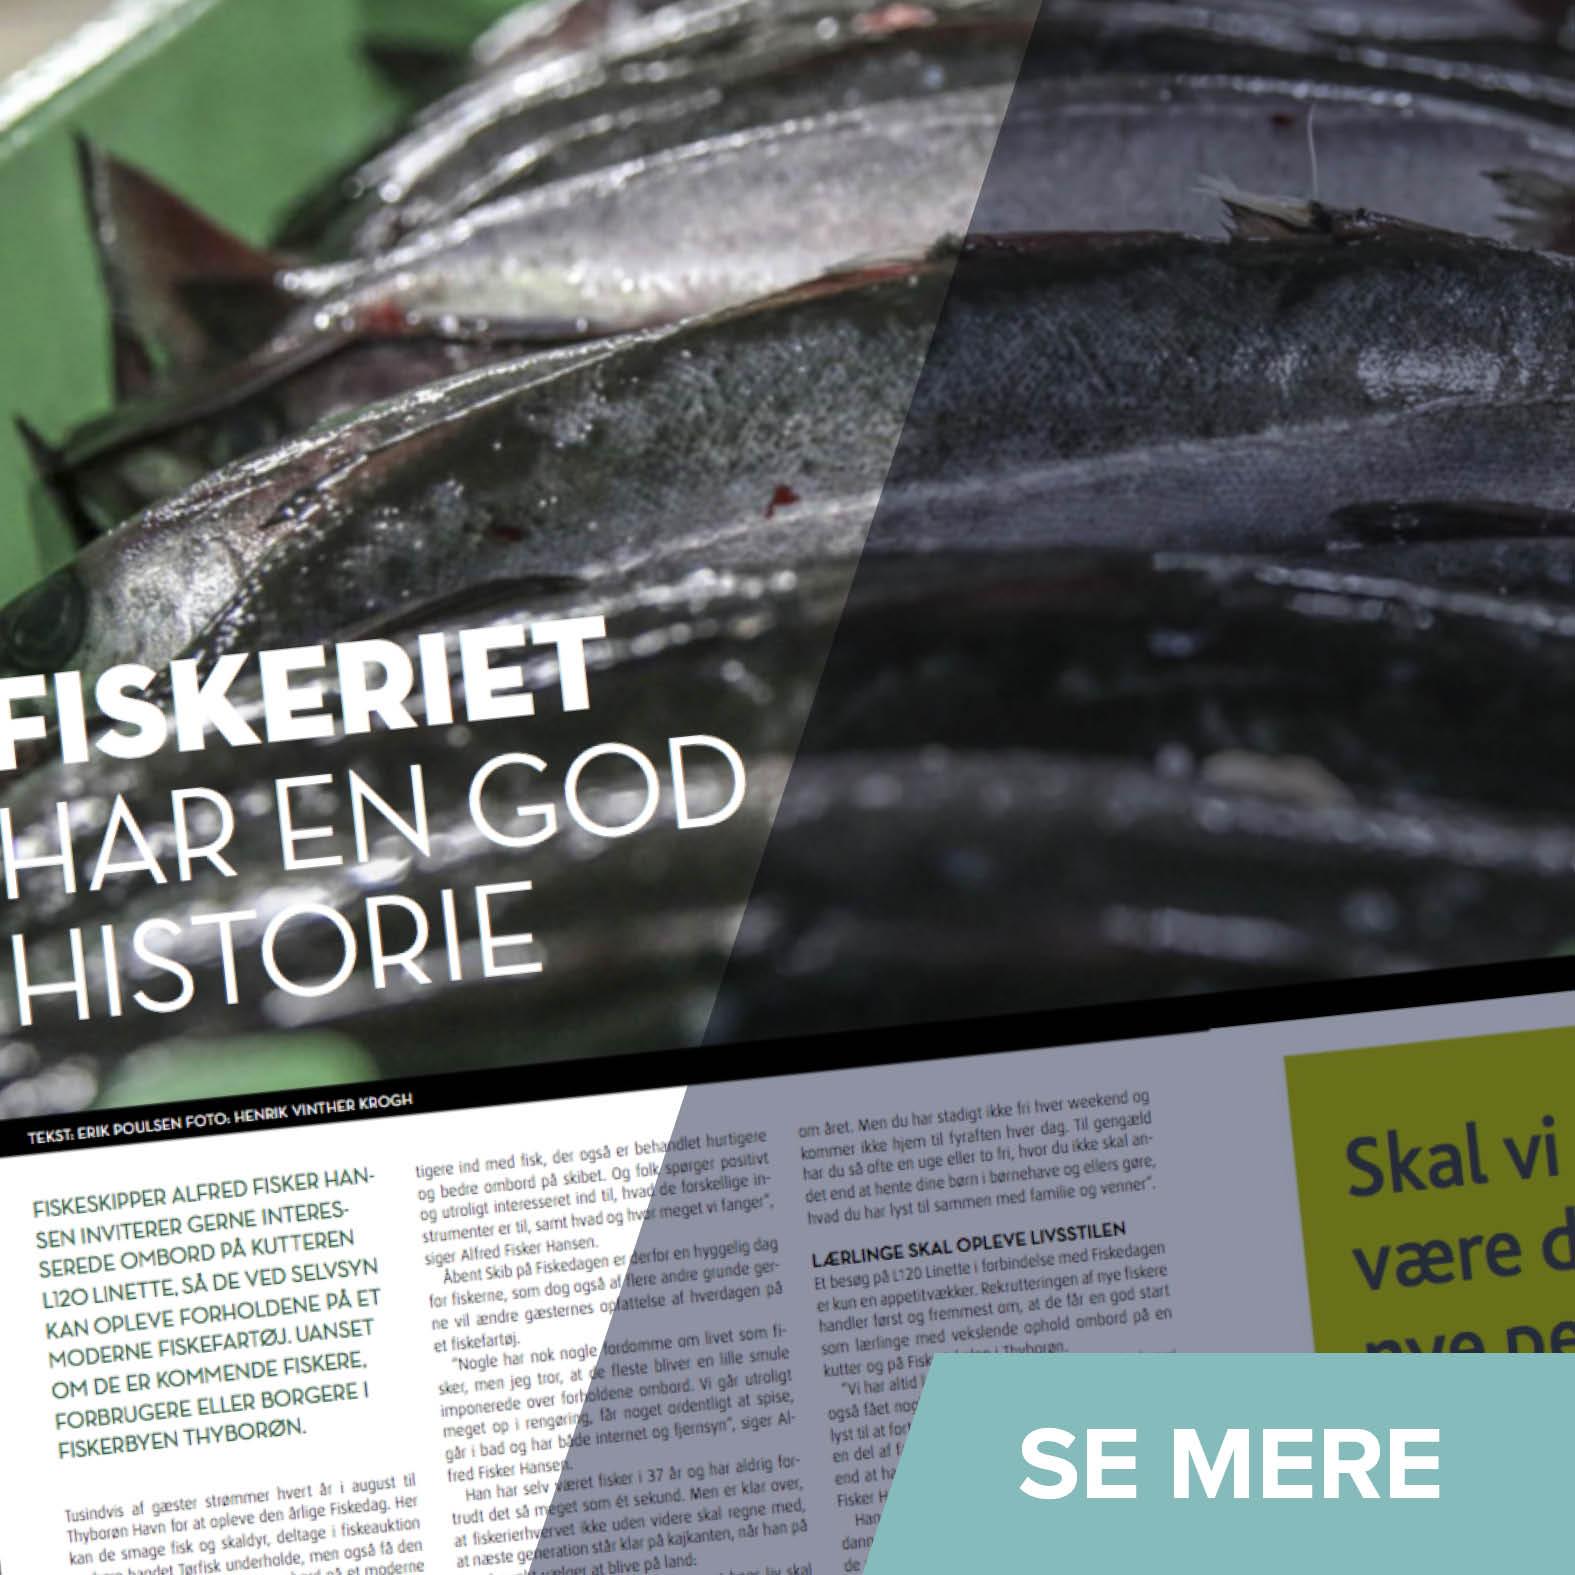 L120 Linette - Historie